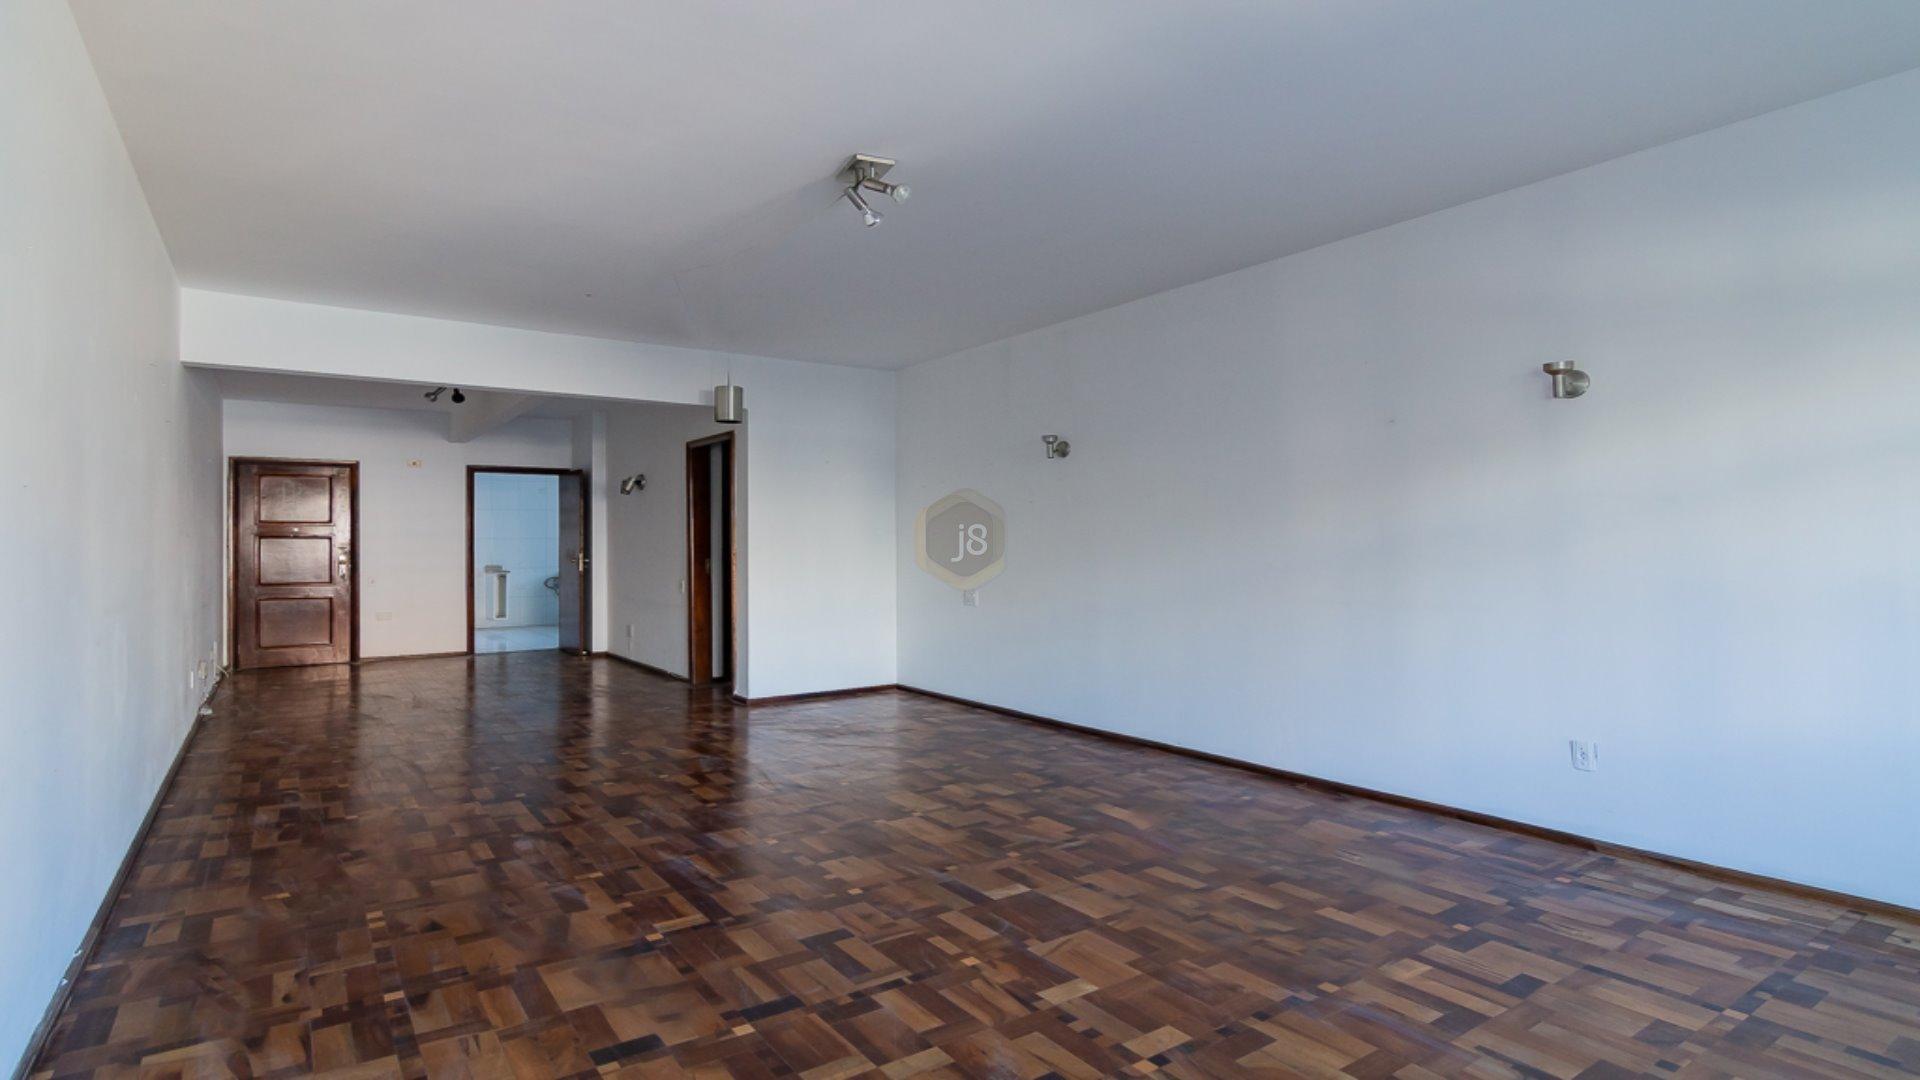 Foto de destaque Apartamento com 2 quartos na melhor localização do centro de curitiba